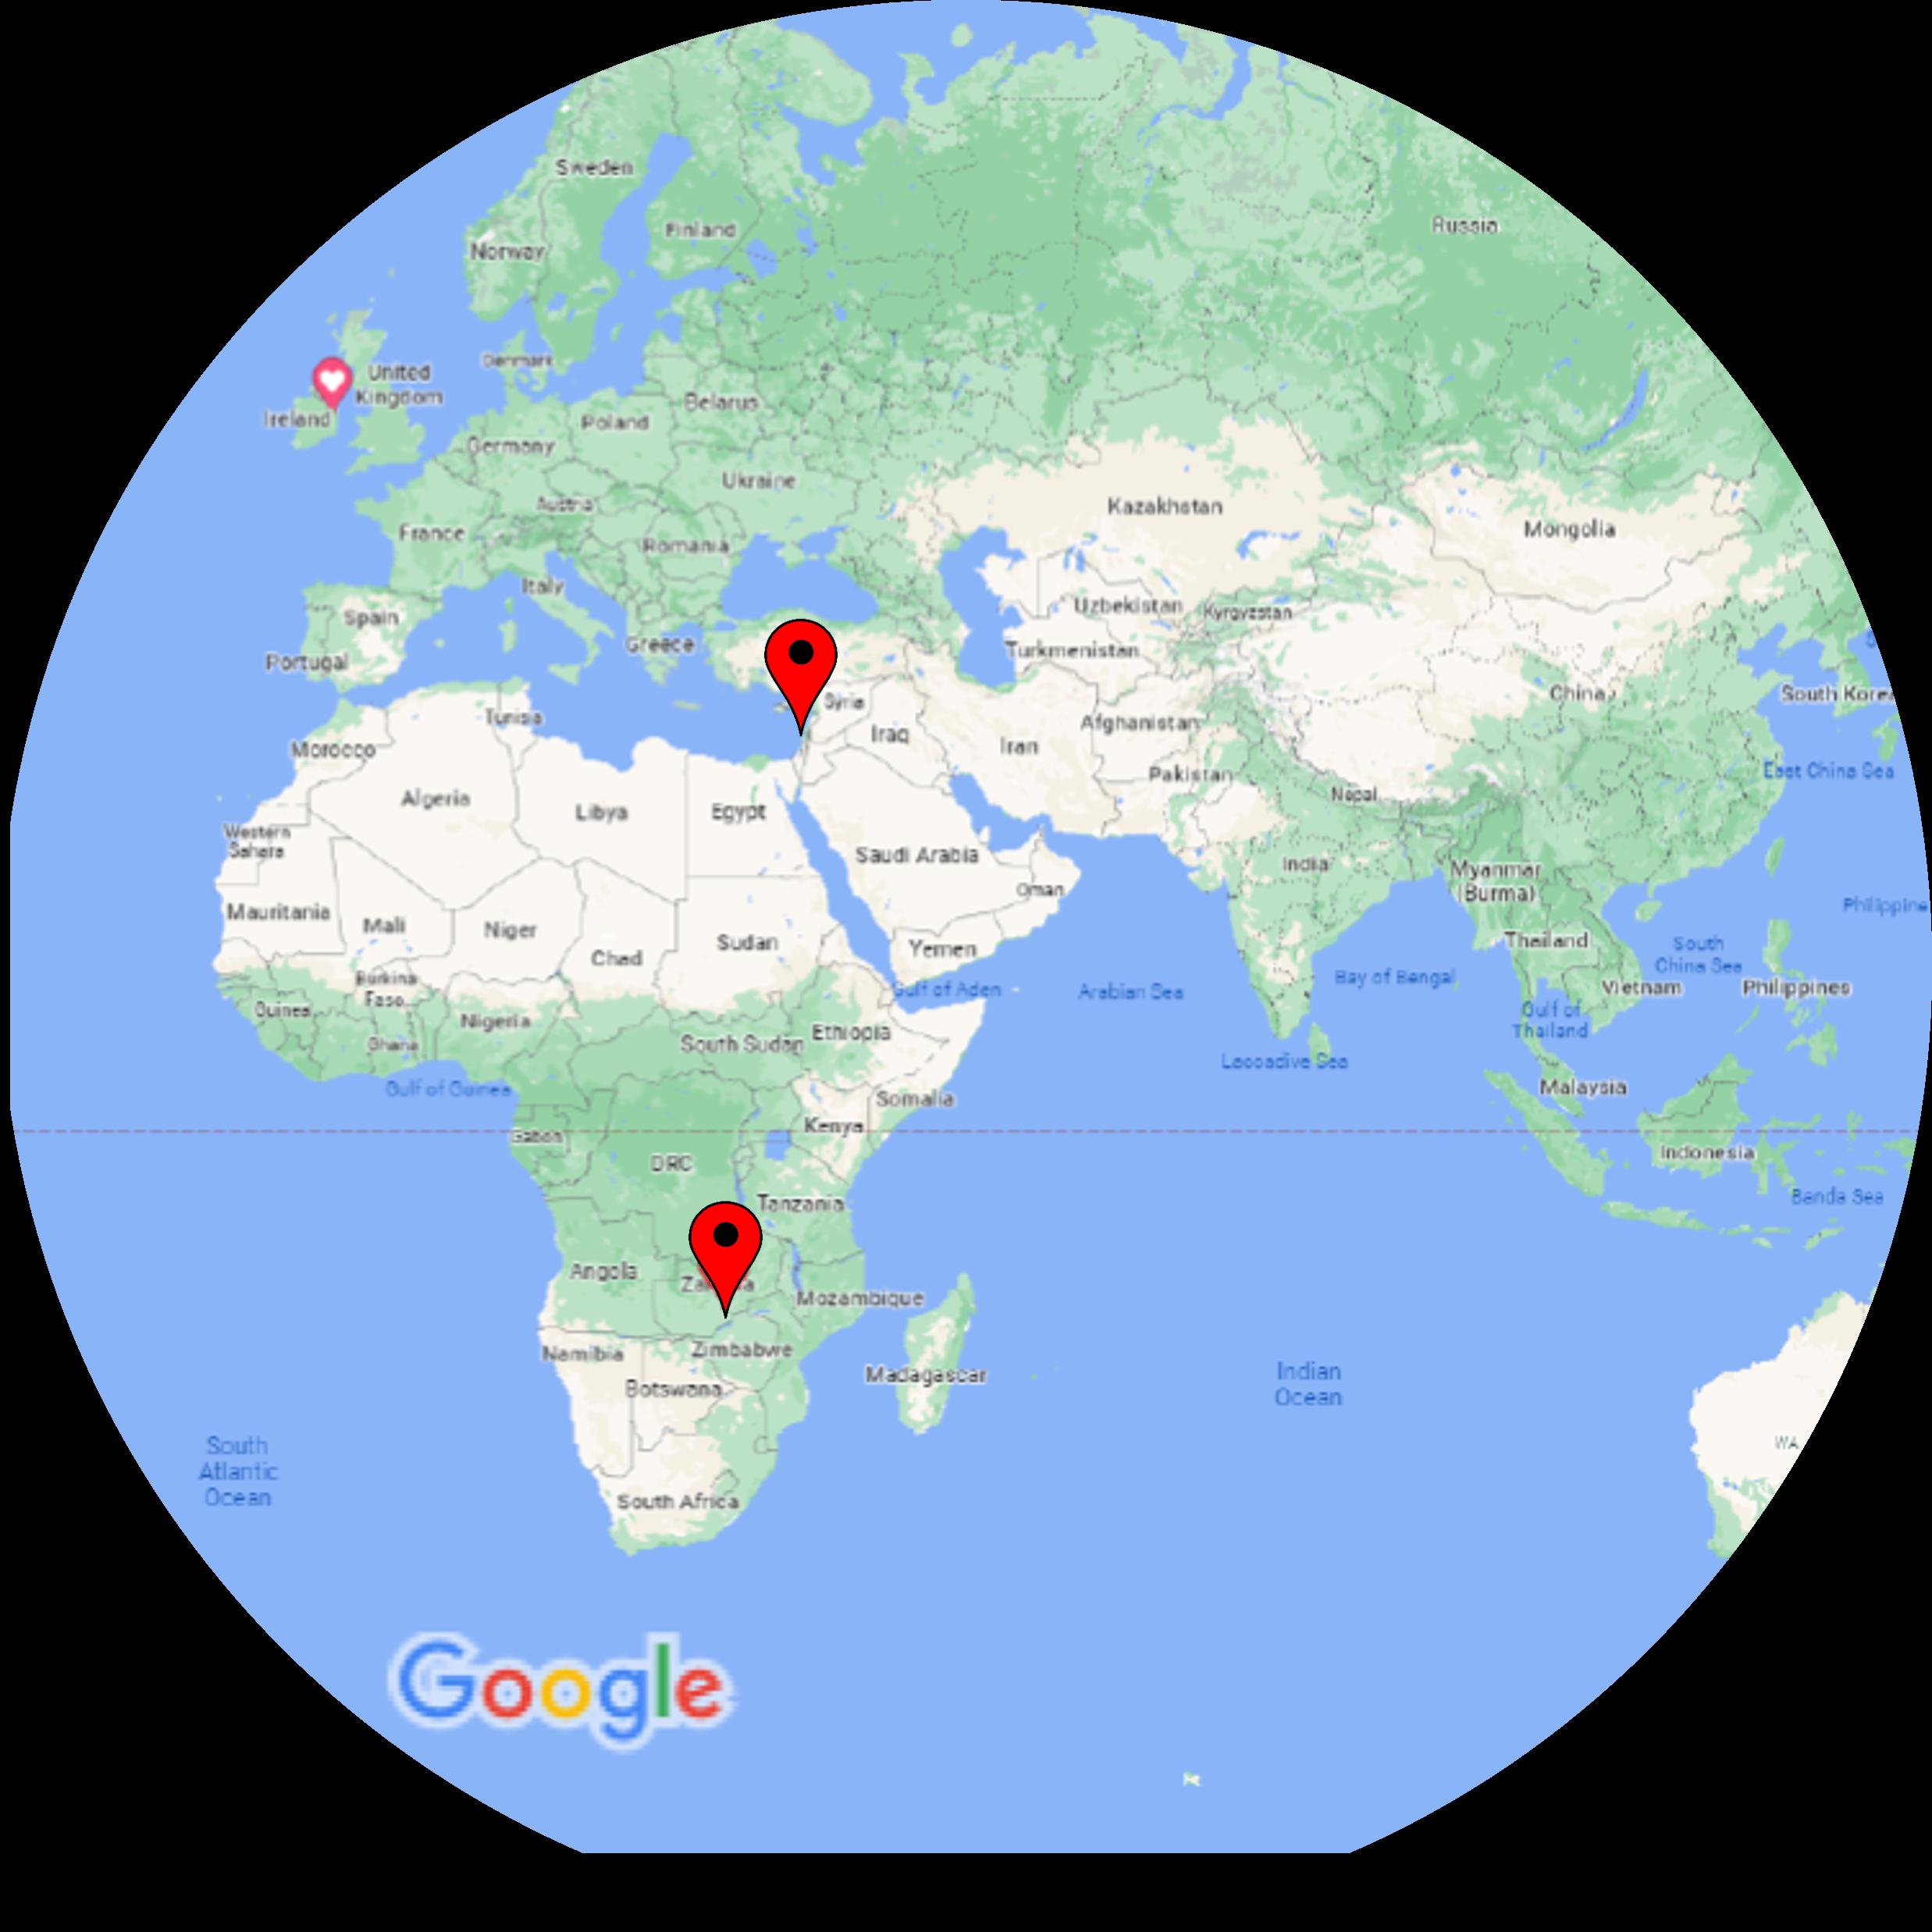 Meet Our International Programme Partners